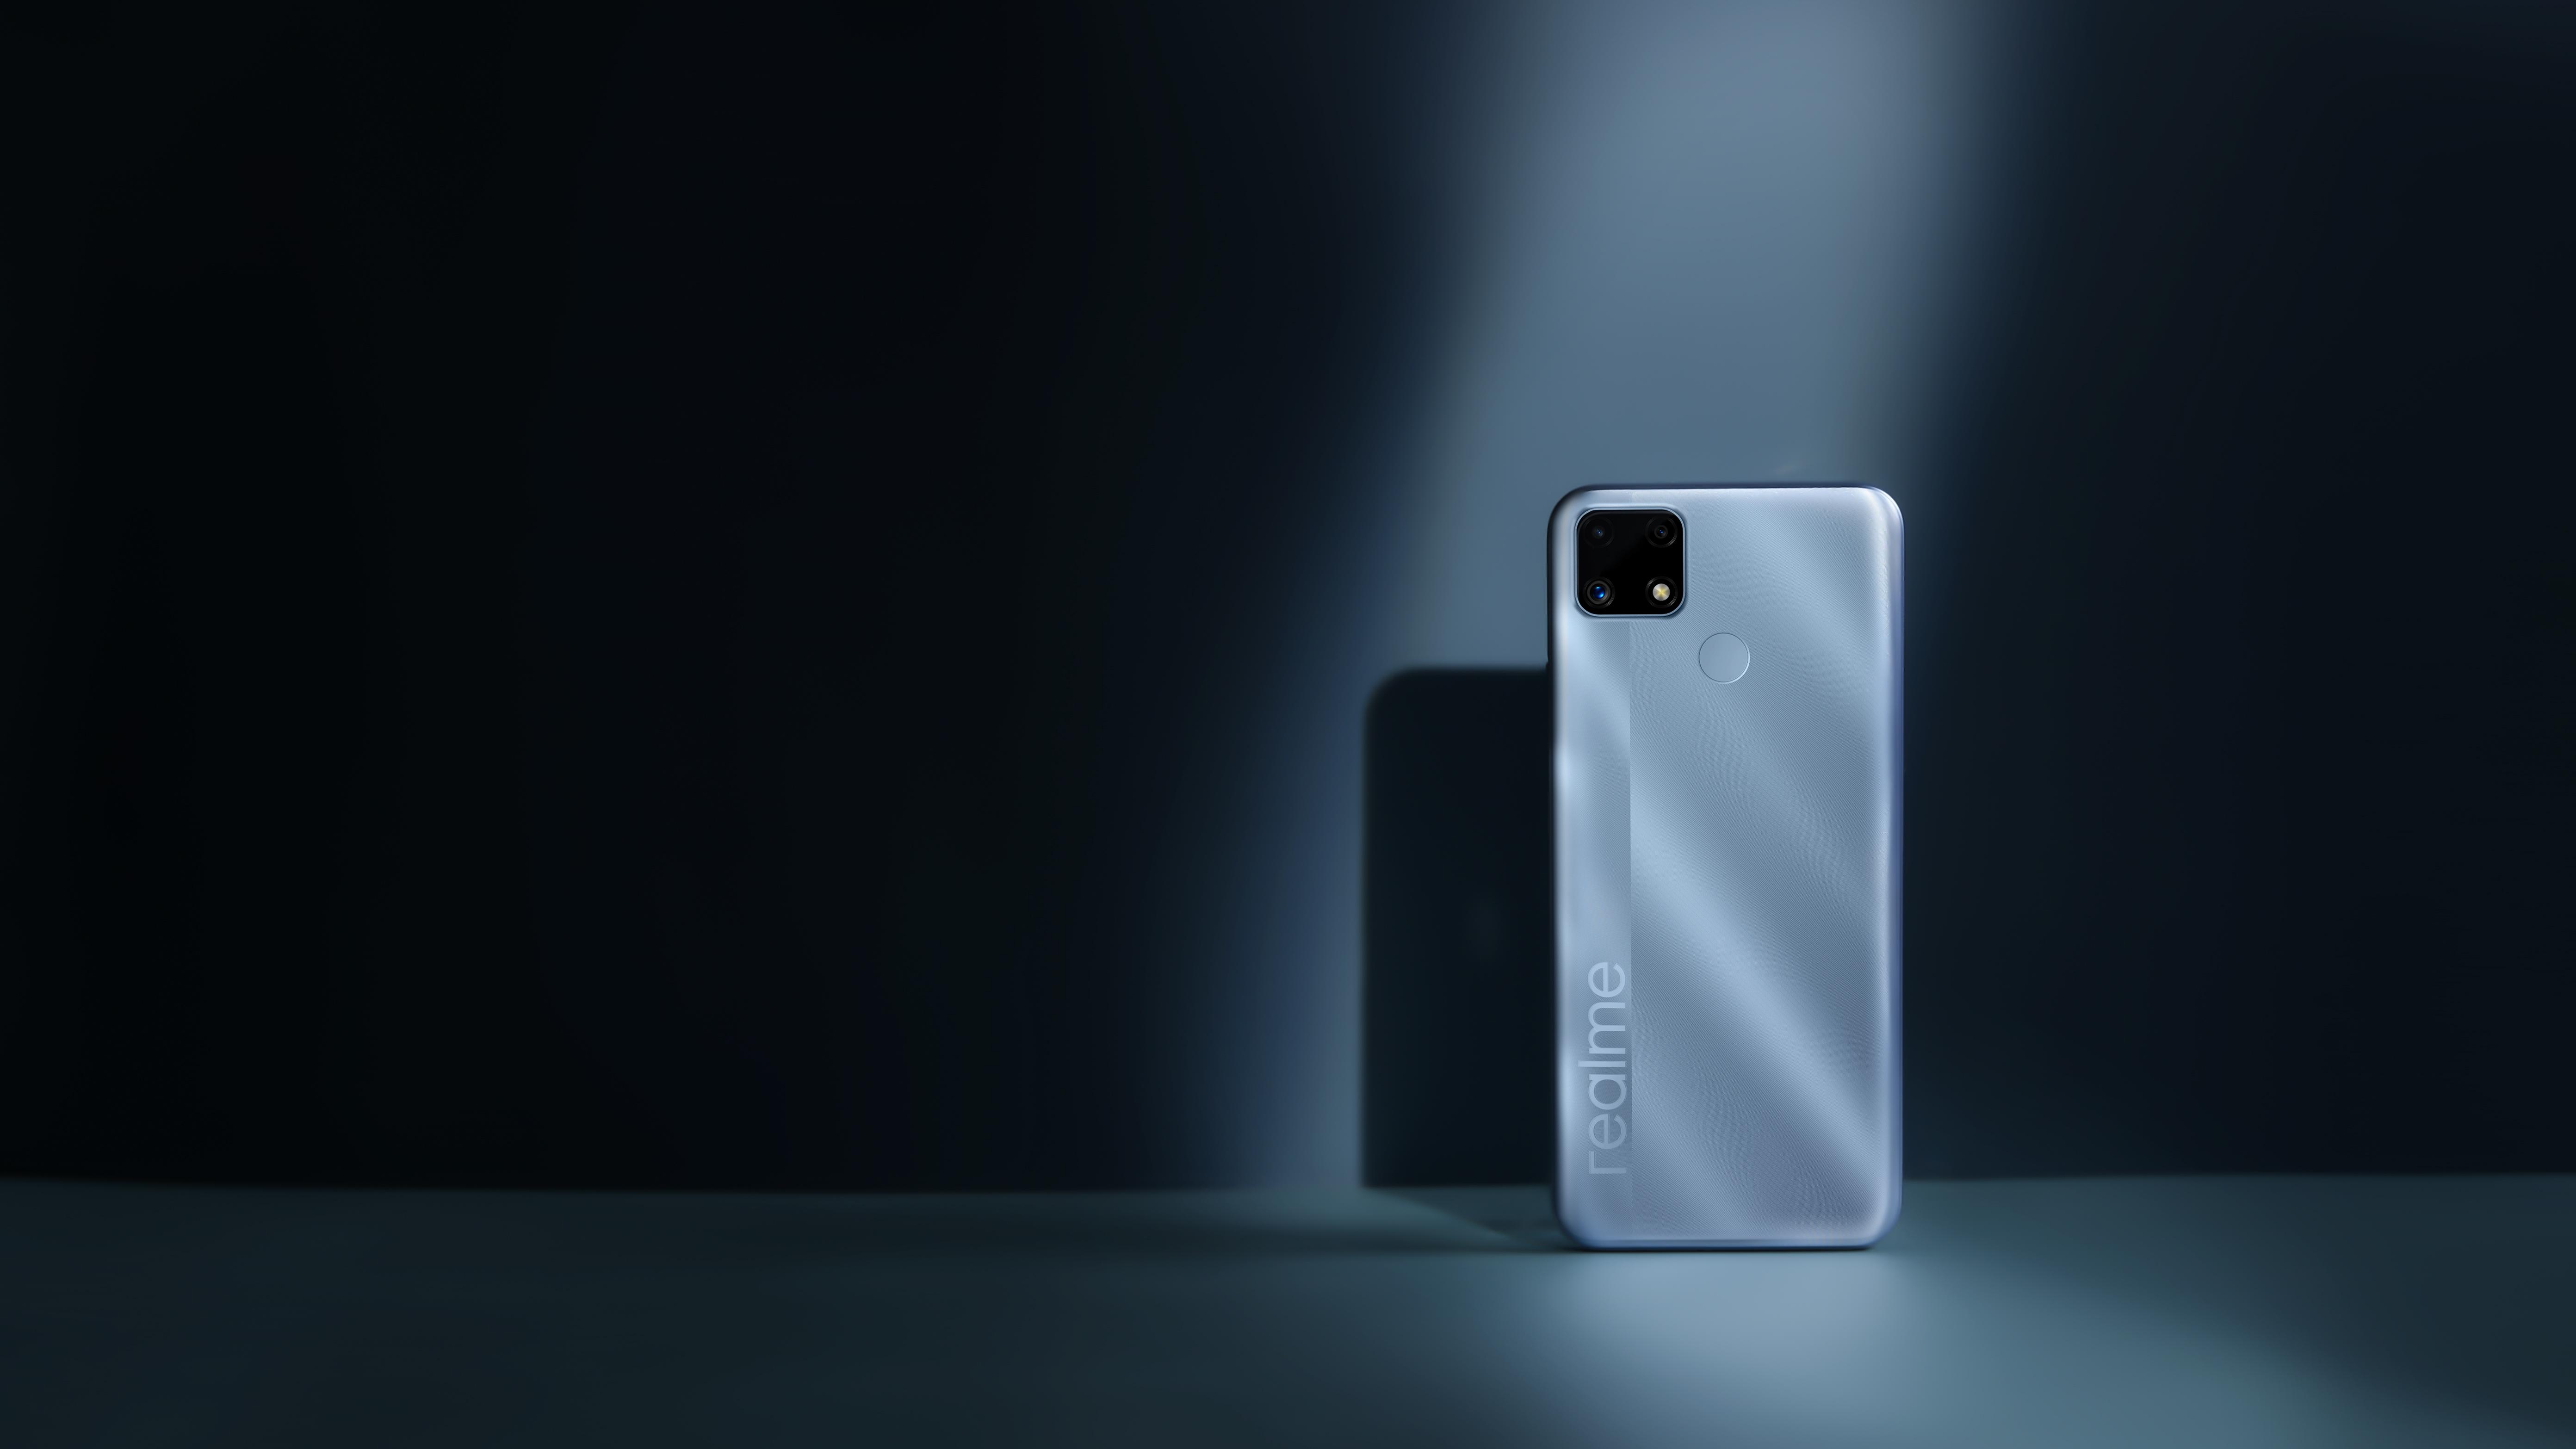 Представлен новый Realme C25 с тройной AI-камерой 48 Мп и аккумулятором 6000 мАч. Характеристики, цена